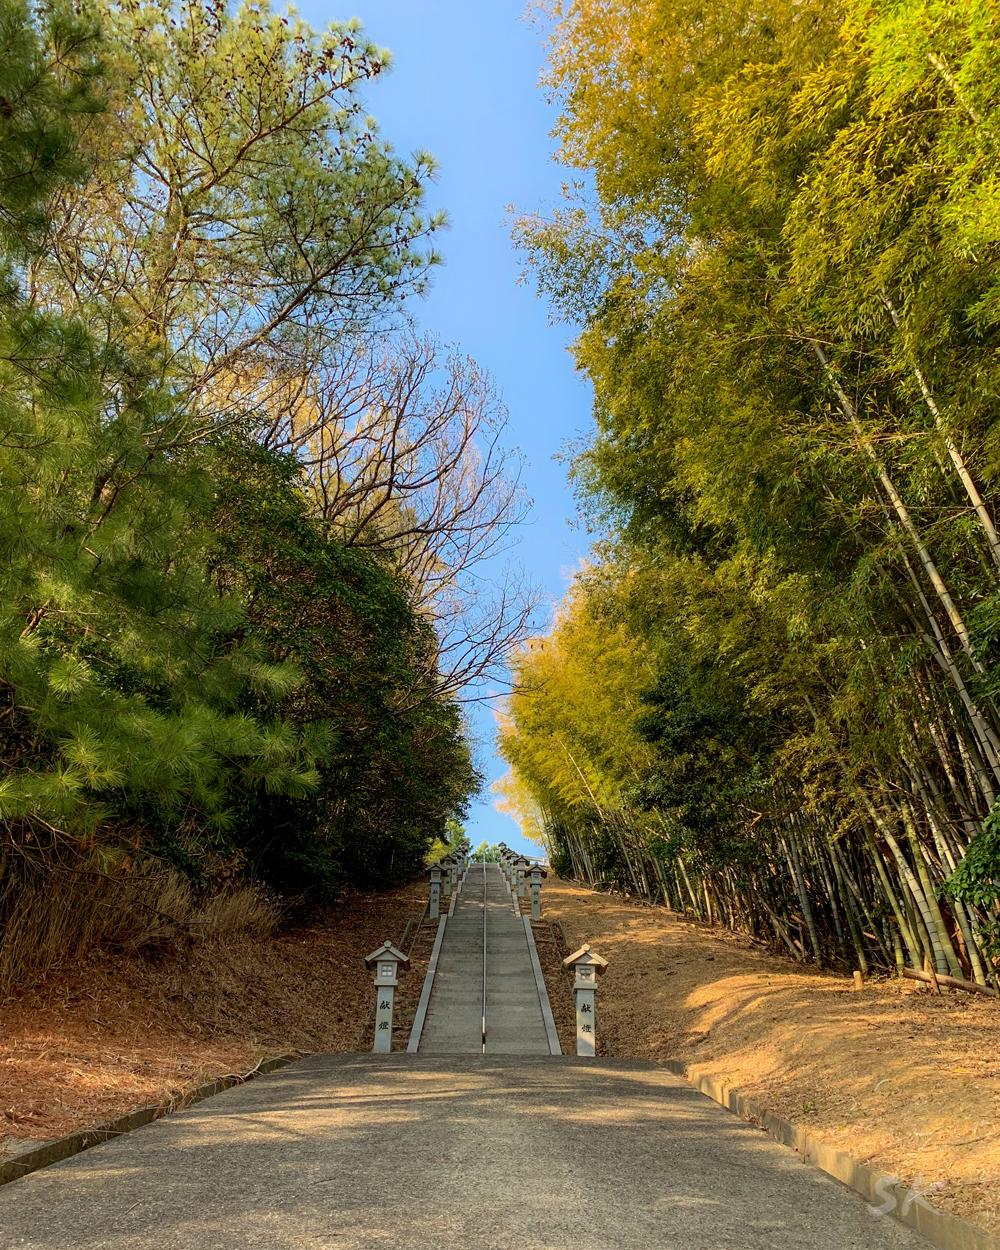 軽トラに乗る農家のお婆ちゃんに教えてもらった淡路島の桜の名所